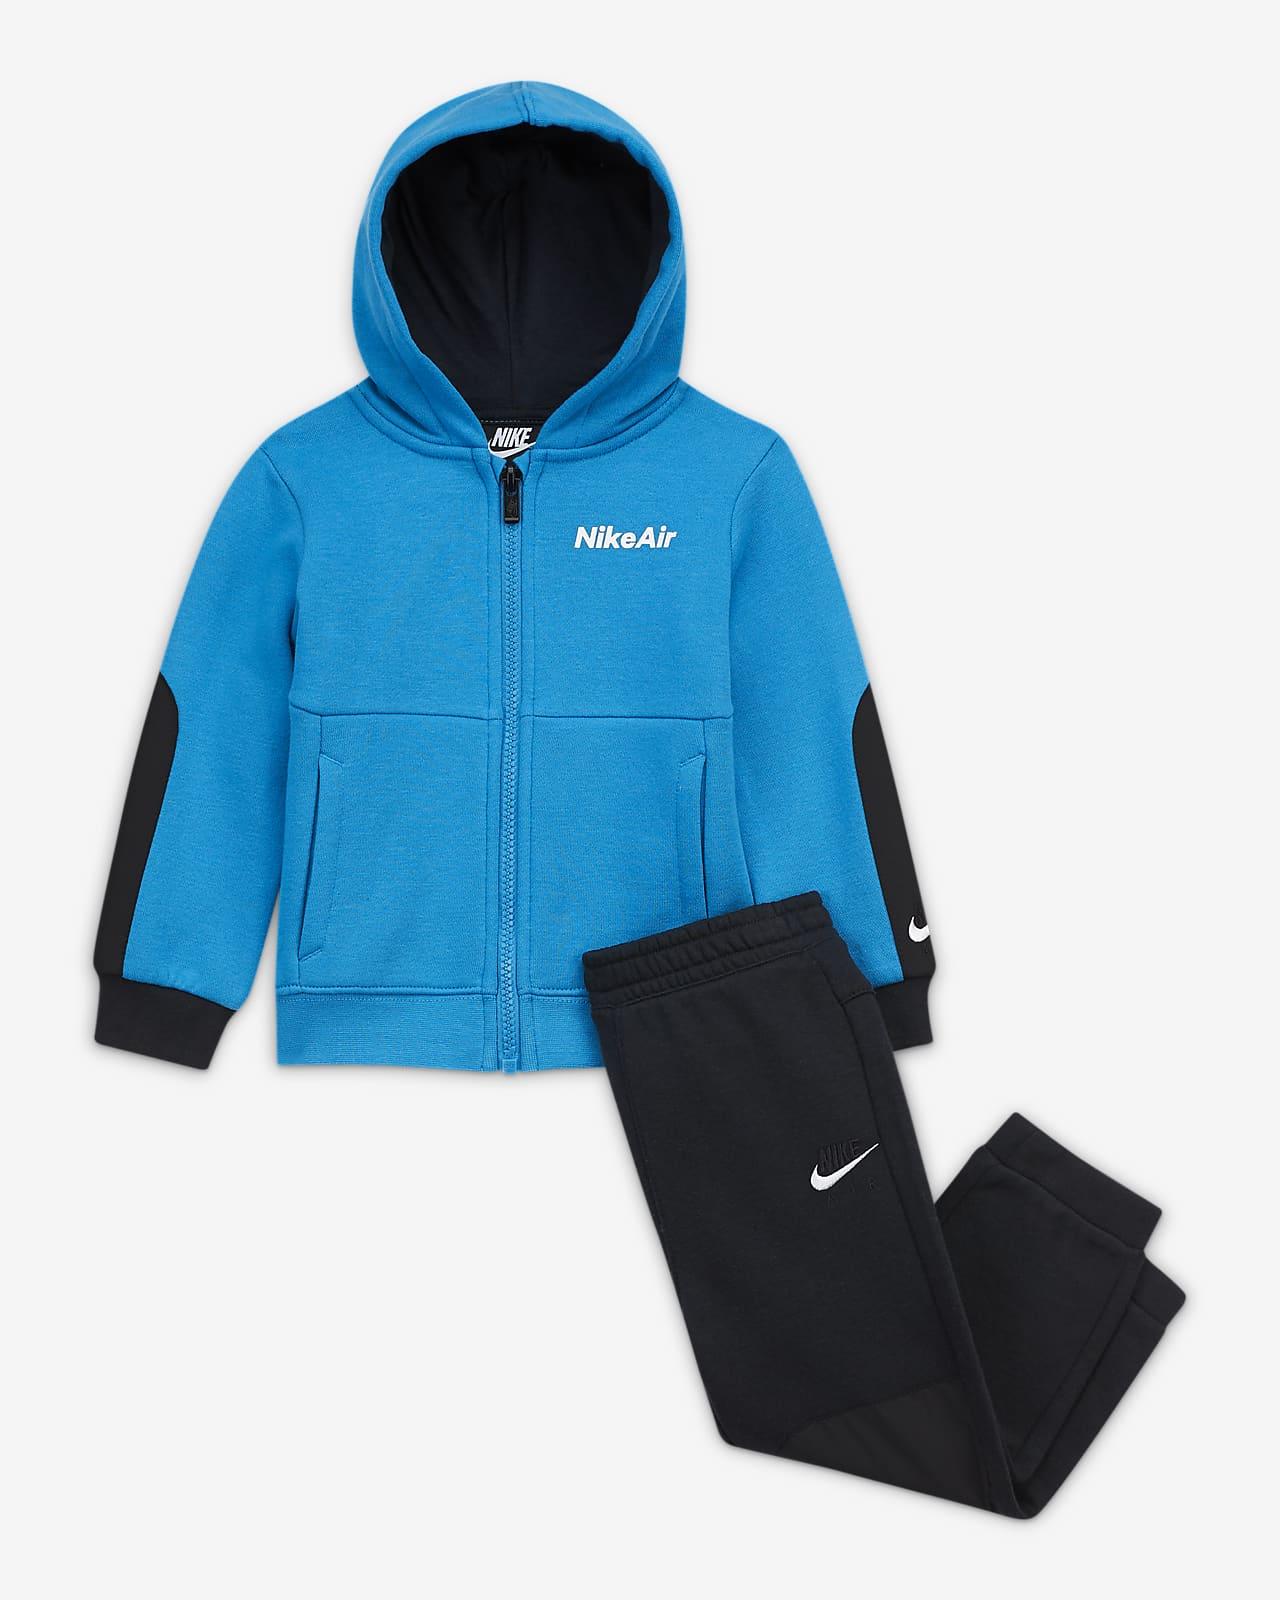 Nike Air cipzáras kapucnis pulóver és nadrág szett babáknak (12–24 hónapos)